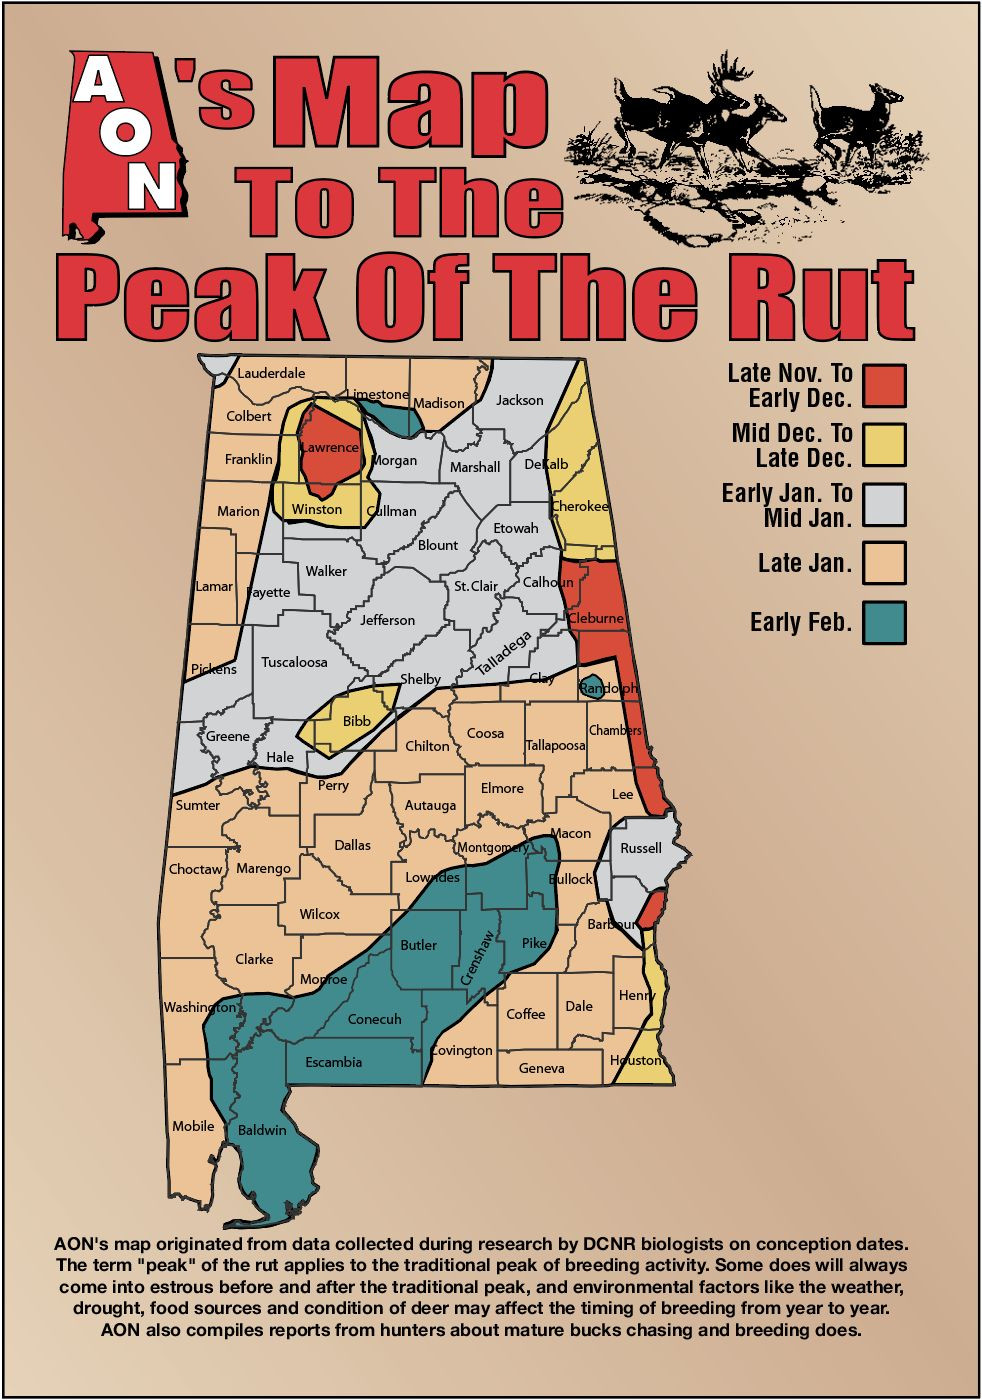 Aon'S Map To The Peak Of The Rut Regarding 2021 Deer Rut Predictions In 2021 | Calendar Template-Illinois Deer Rut Prediction For 2021